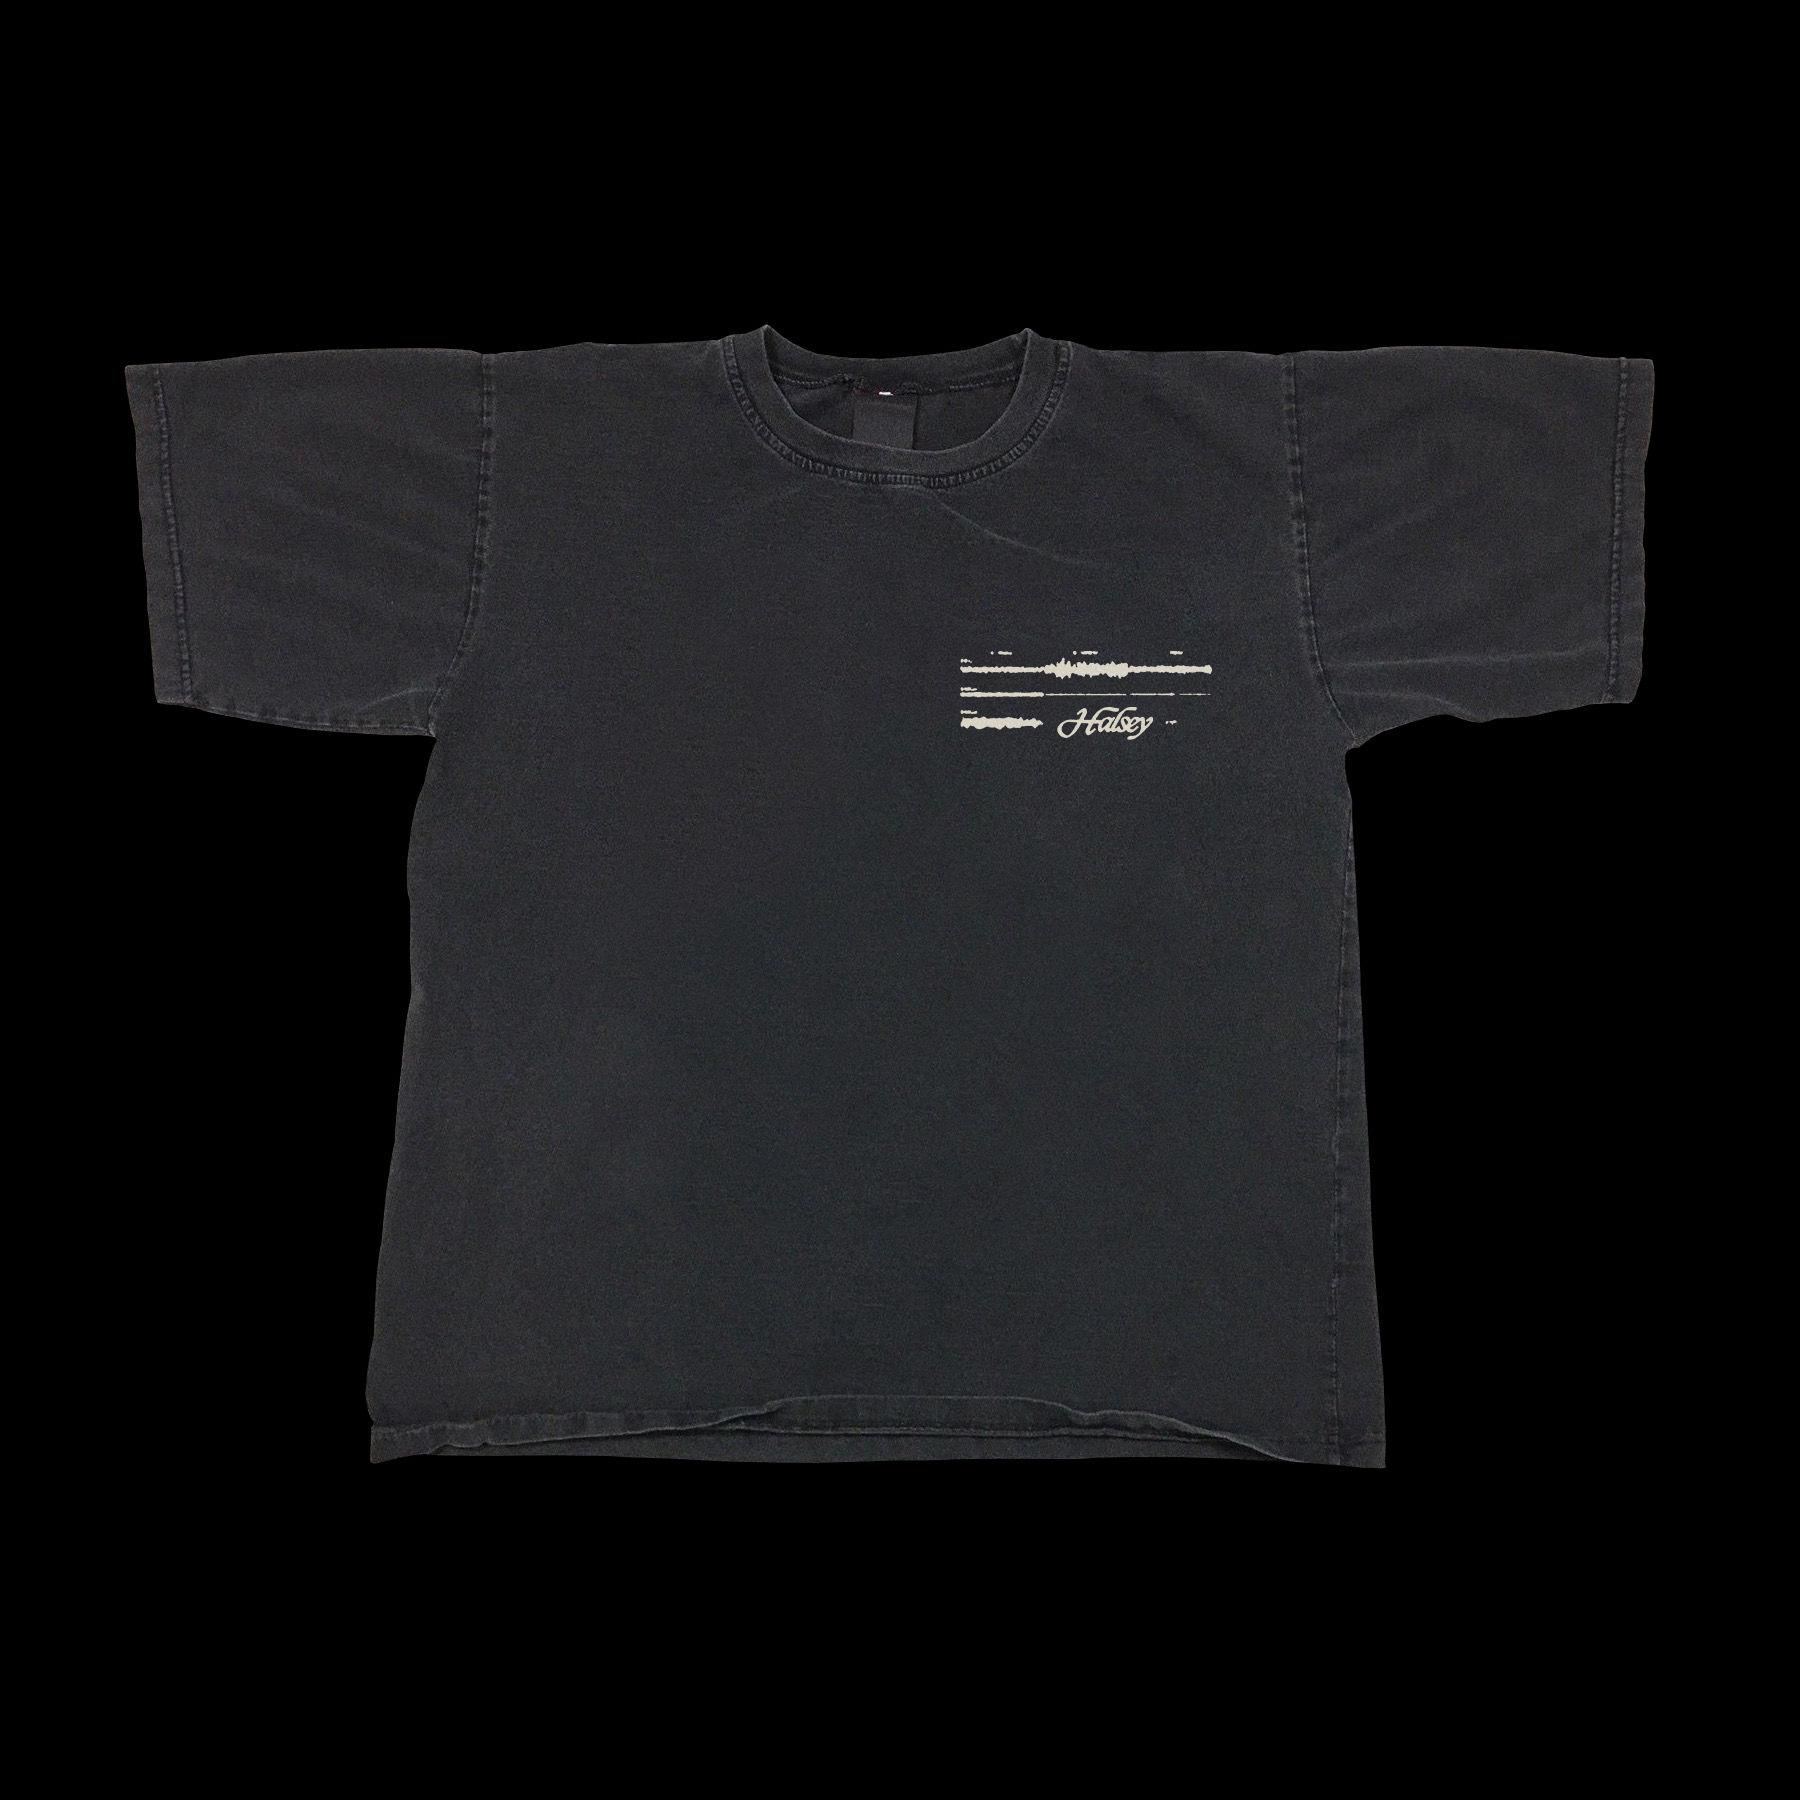 Halsey: Nightmare T-Shirt (Black) - S